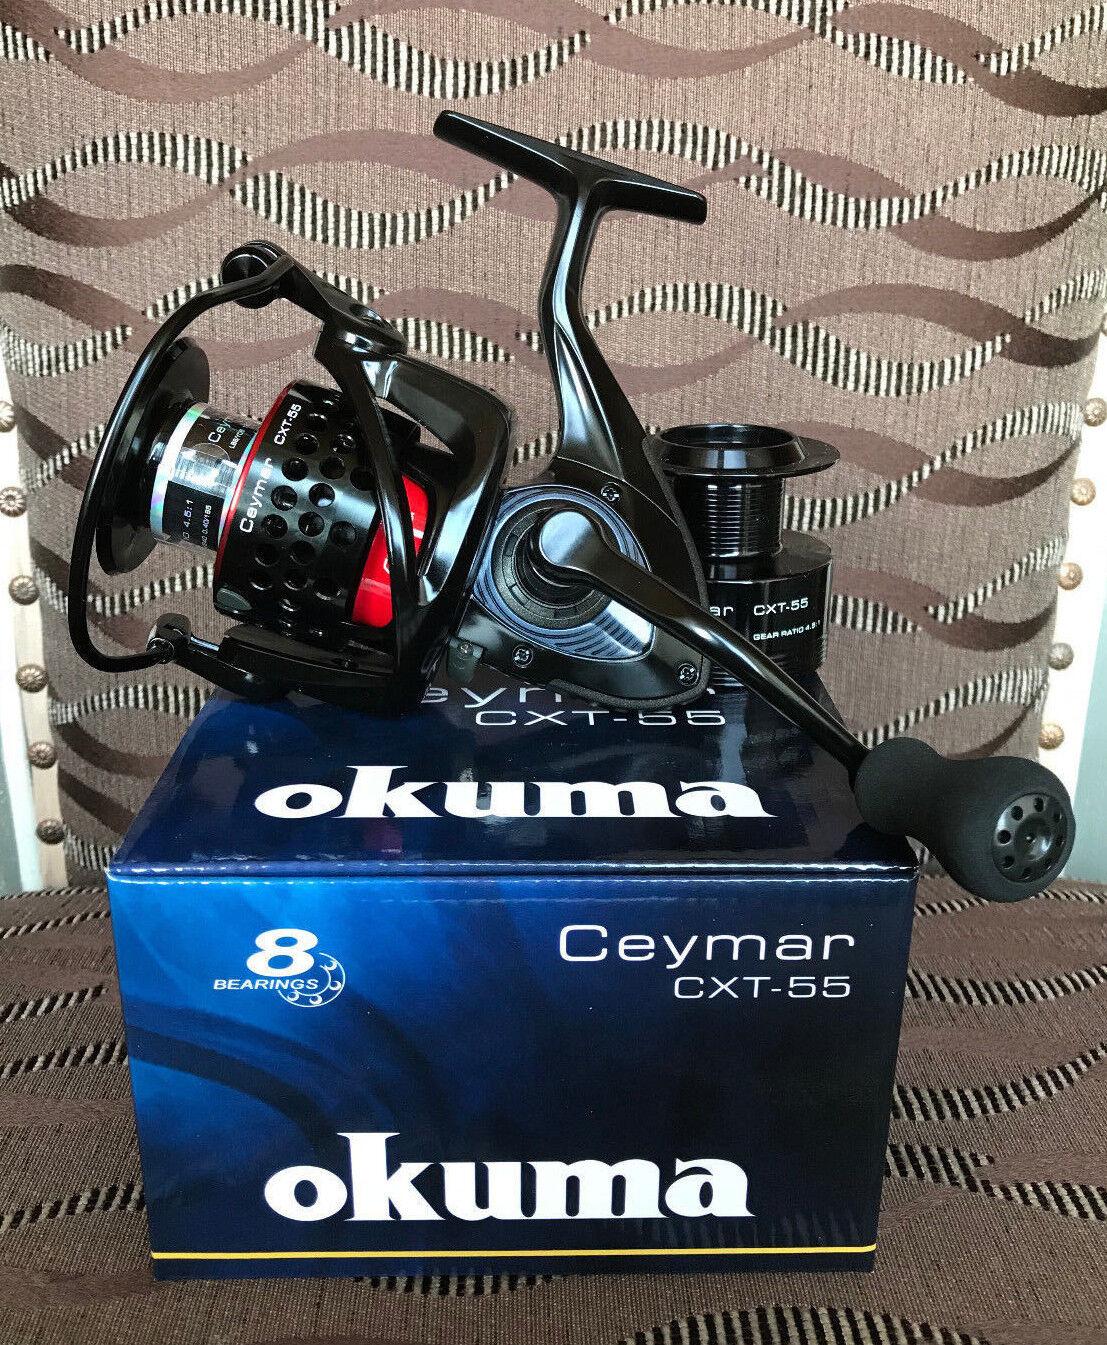 Okuma Okuma Okuma ceymar XT cxt-55 FD spinnrolle ff3634